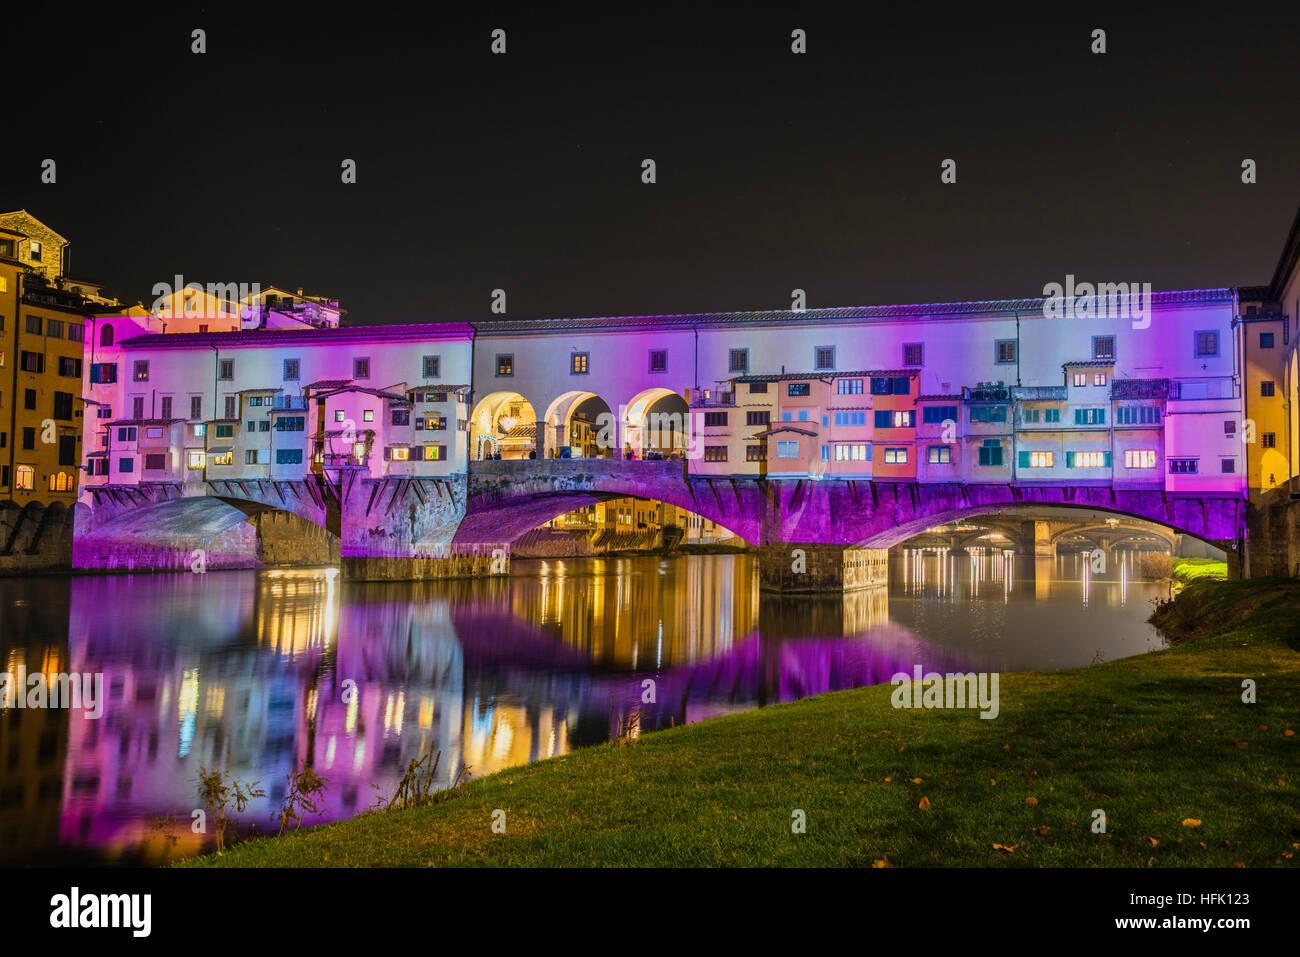 """Firenze, Toscana. Il famoso Ponte Vecchio illuminato dalla magia di luci e colori della manifestazione """"Firenze Immagini Stock"""